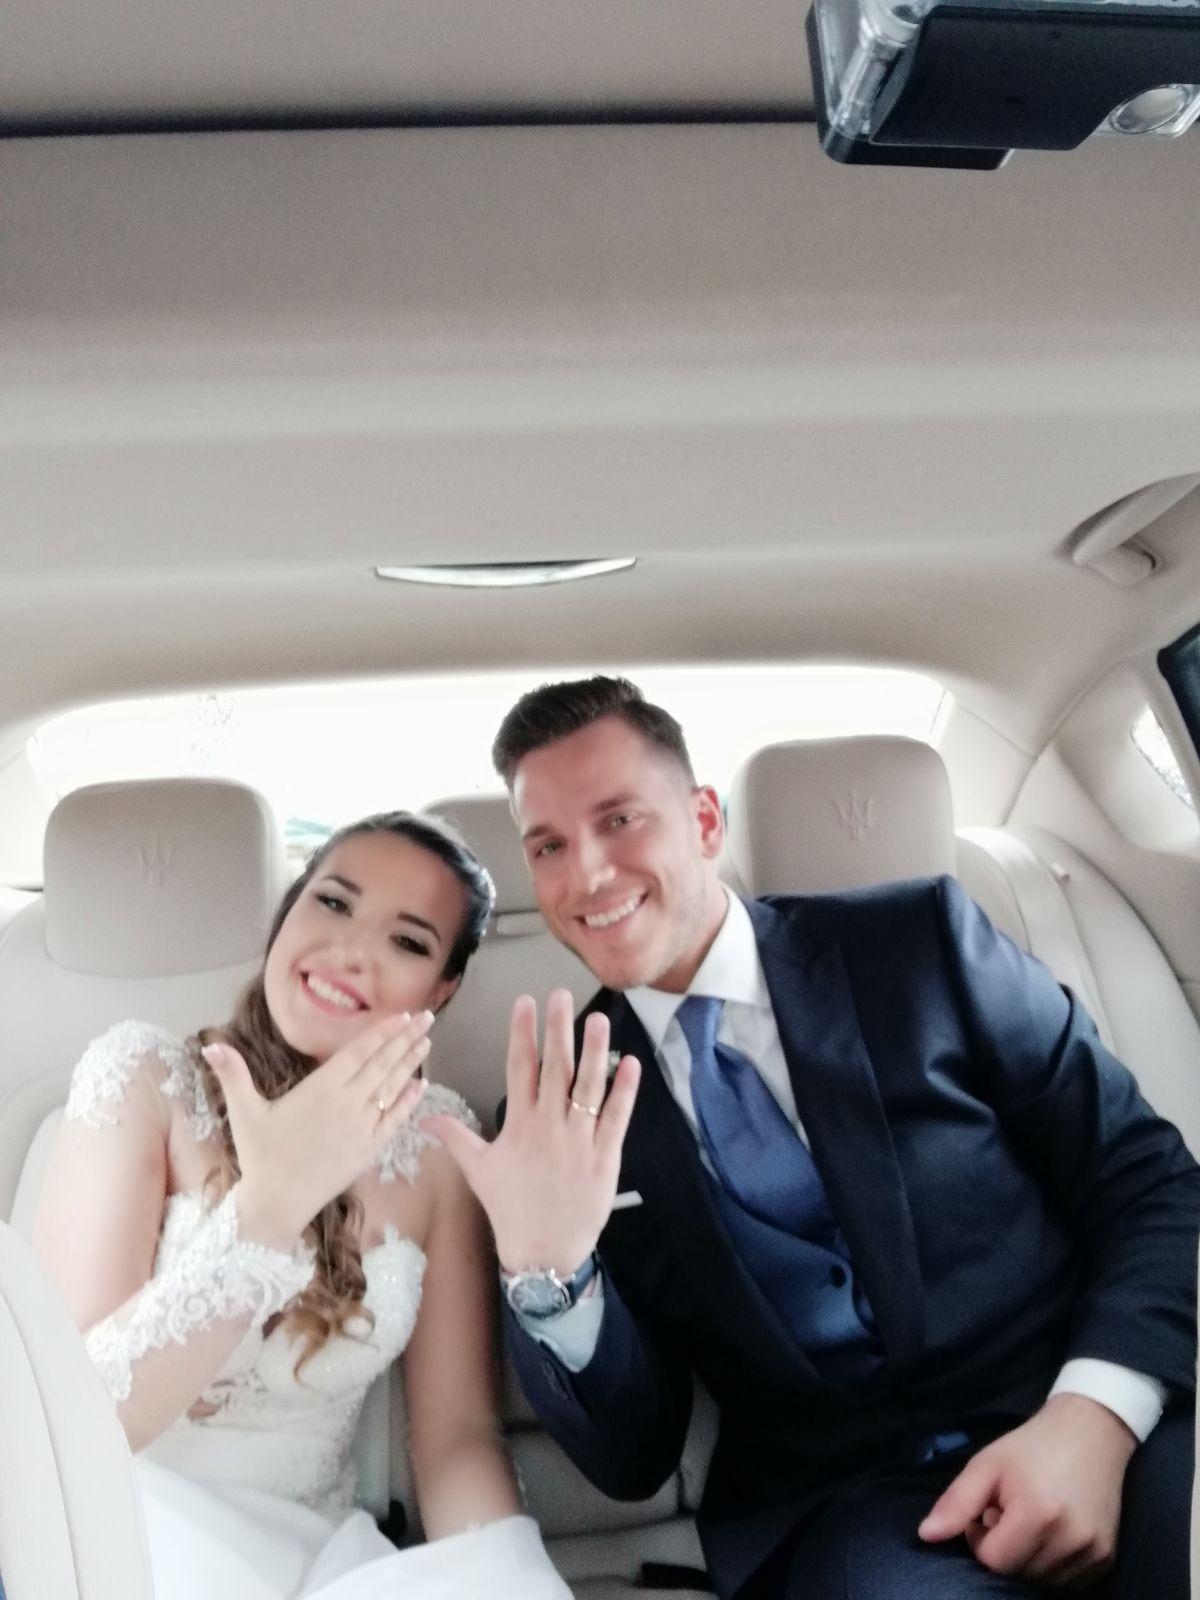 In questa foto ci sono due fantastici che nel giorno del matrimonio hanno scelto la serietà e professionalità di Meridiana Service